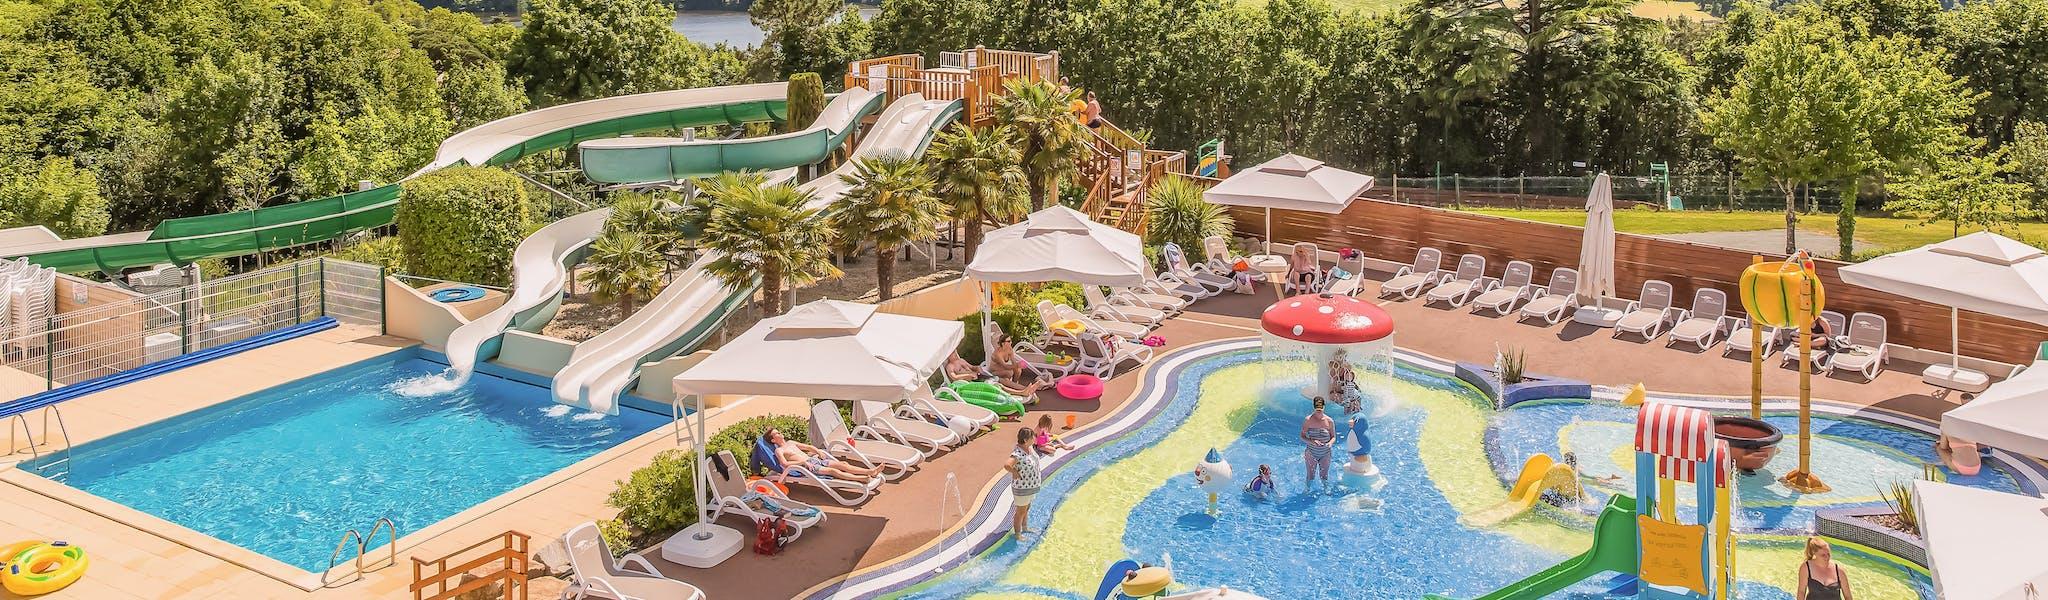 Camping Le Pin Parasol zwembaden drone foto